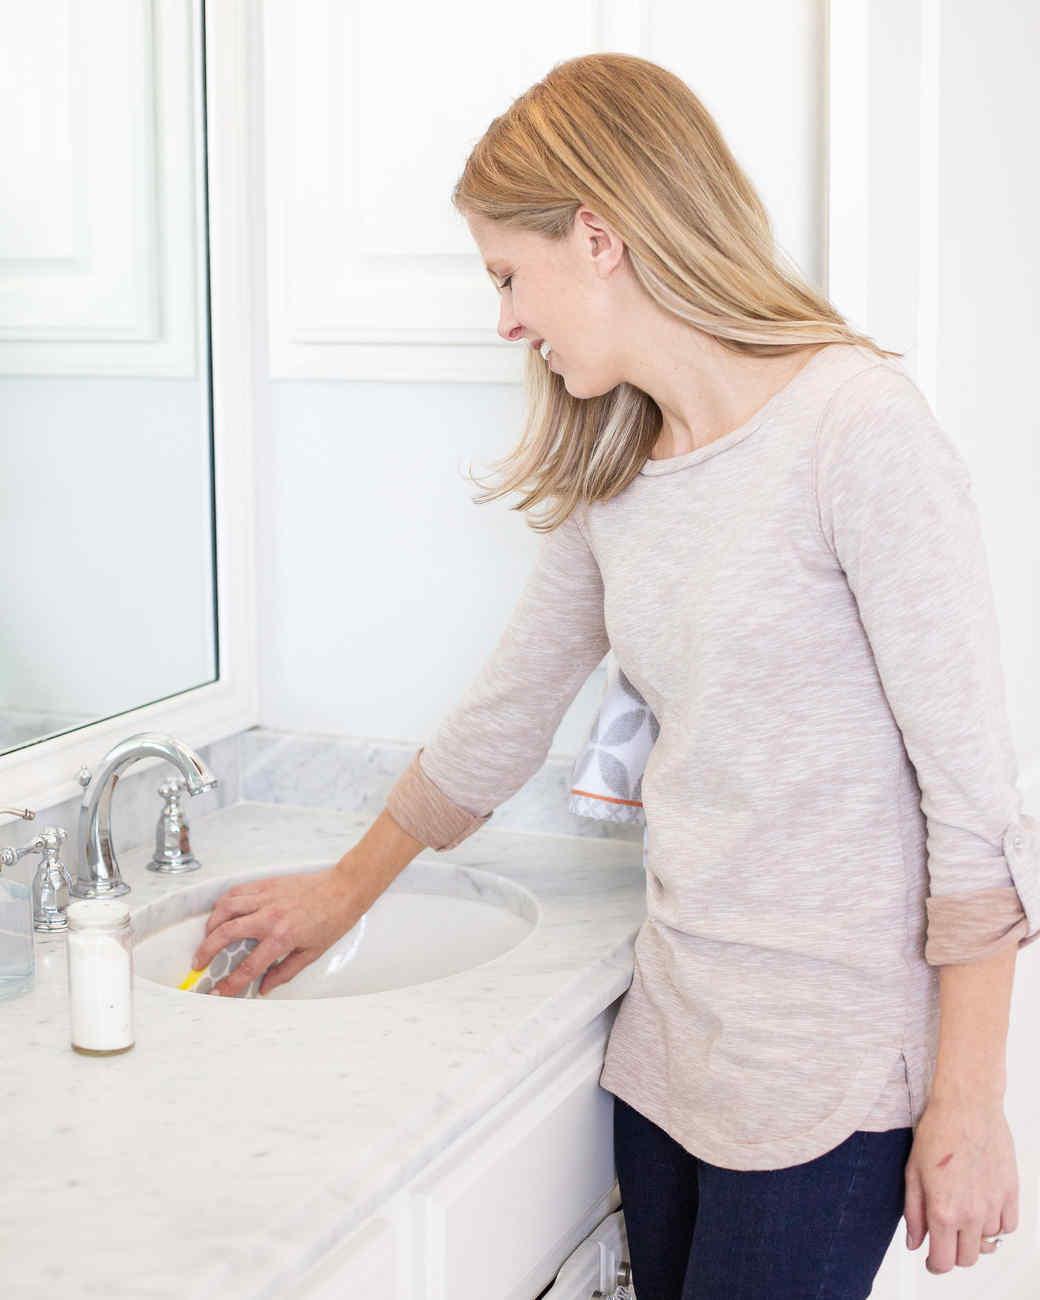 how-to-clean-bathroom-vanities-sinks-0316.jpg